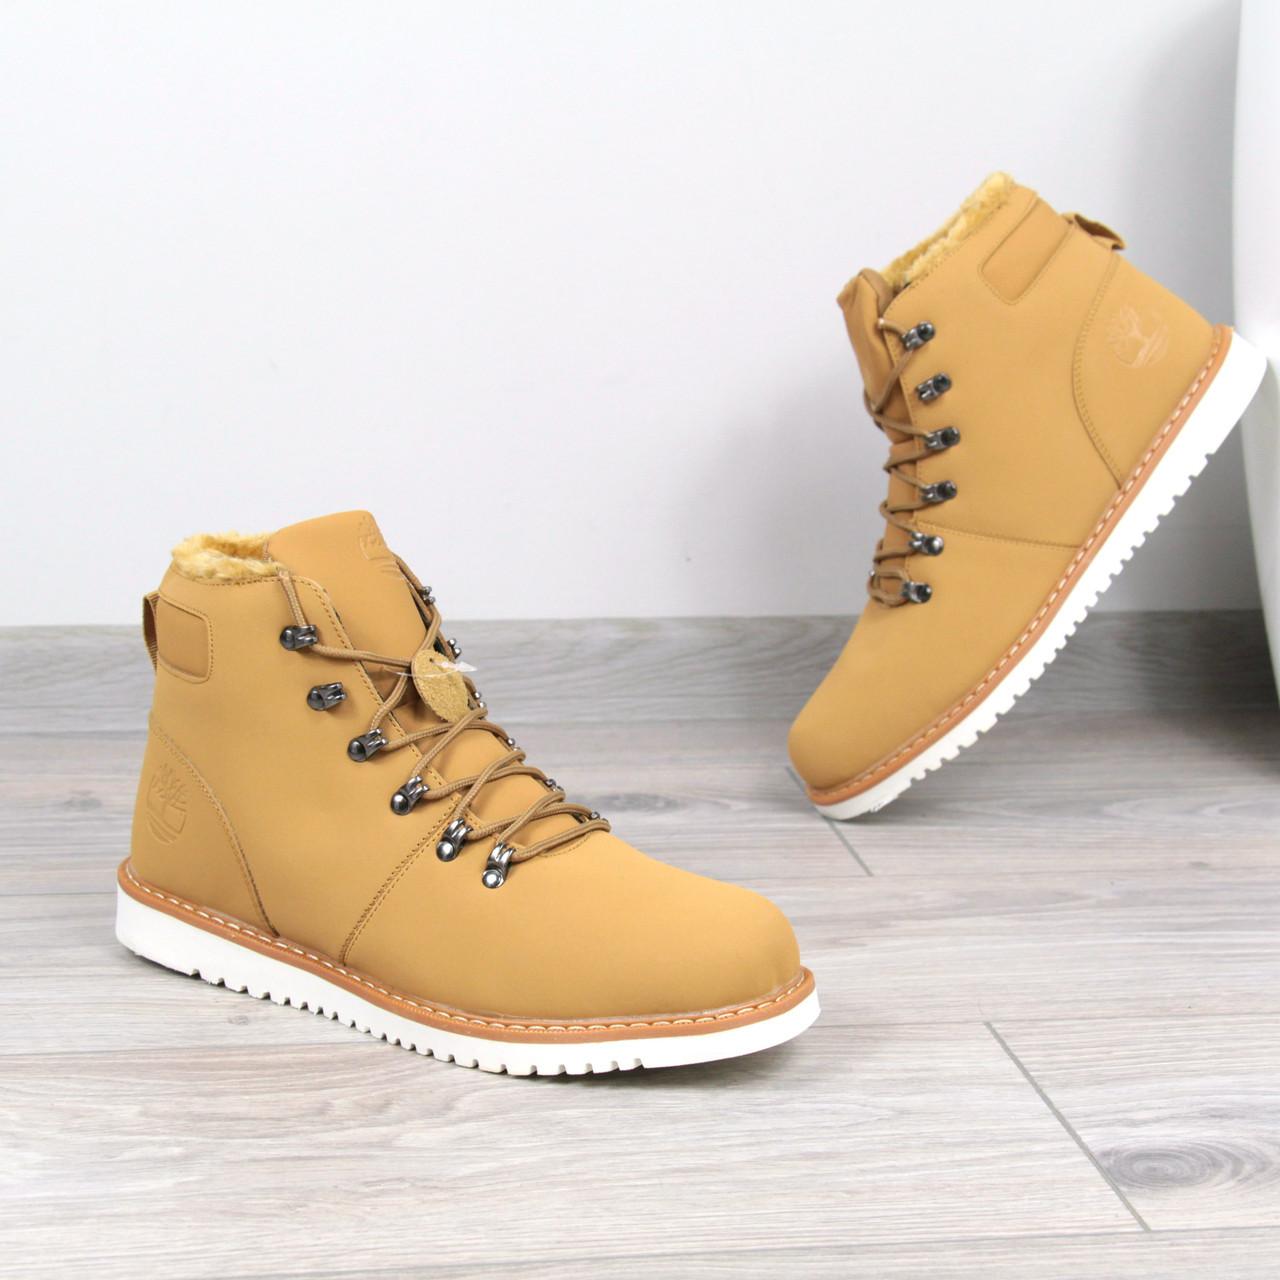 5fa69697 Ботинки Мужские зимние Timberland рыжие мех, зимняя обувь: продажа ...